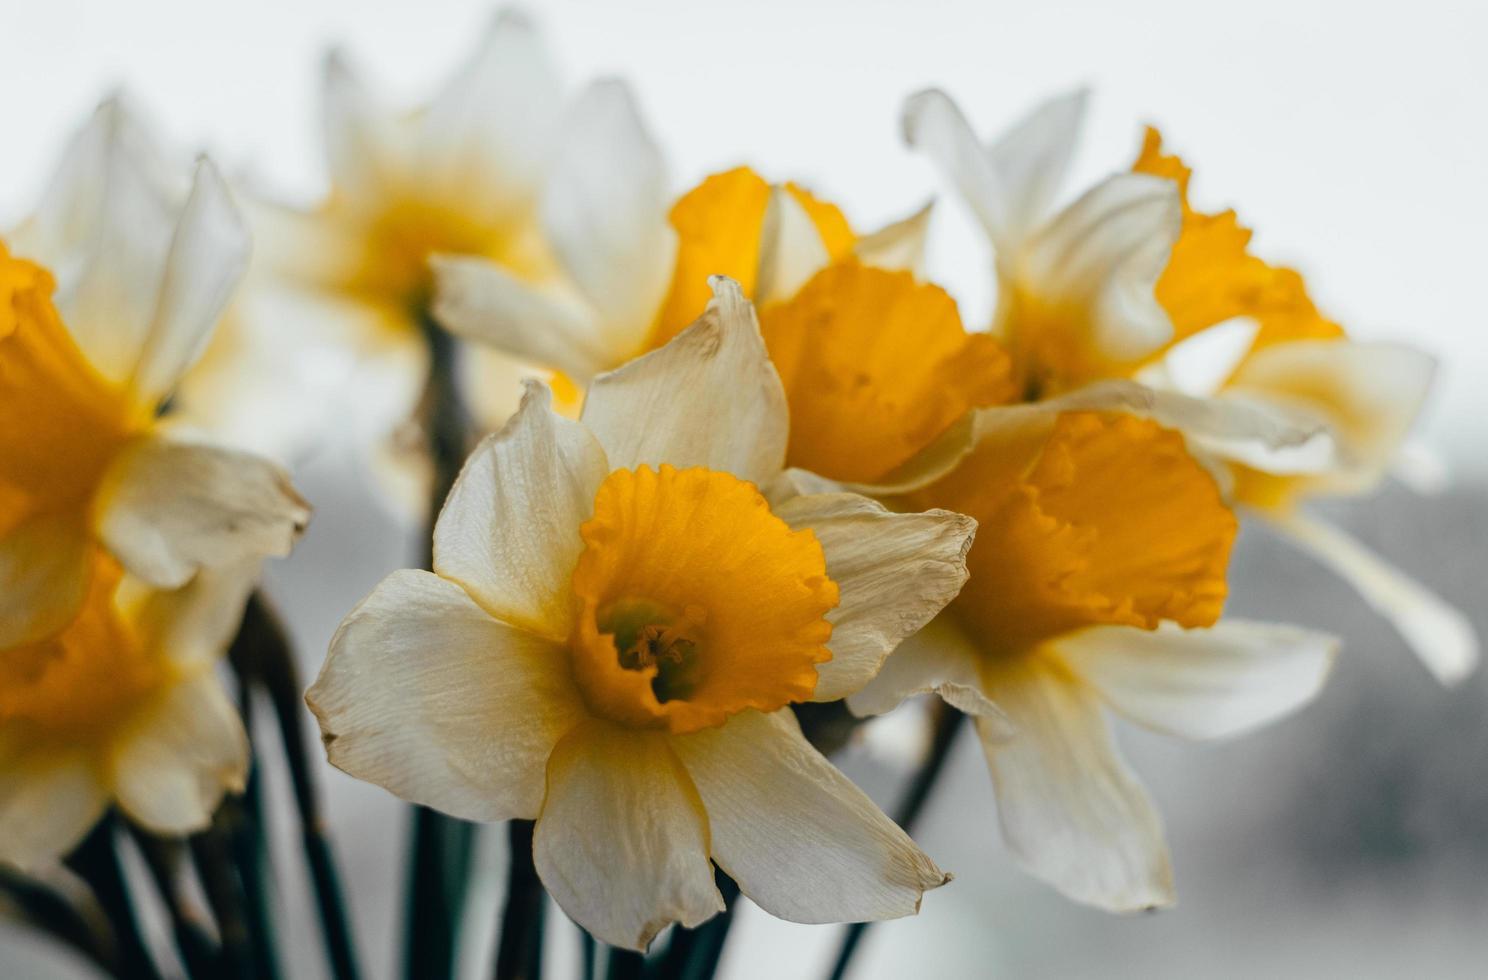 bouquet di narcisi primaverili foto